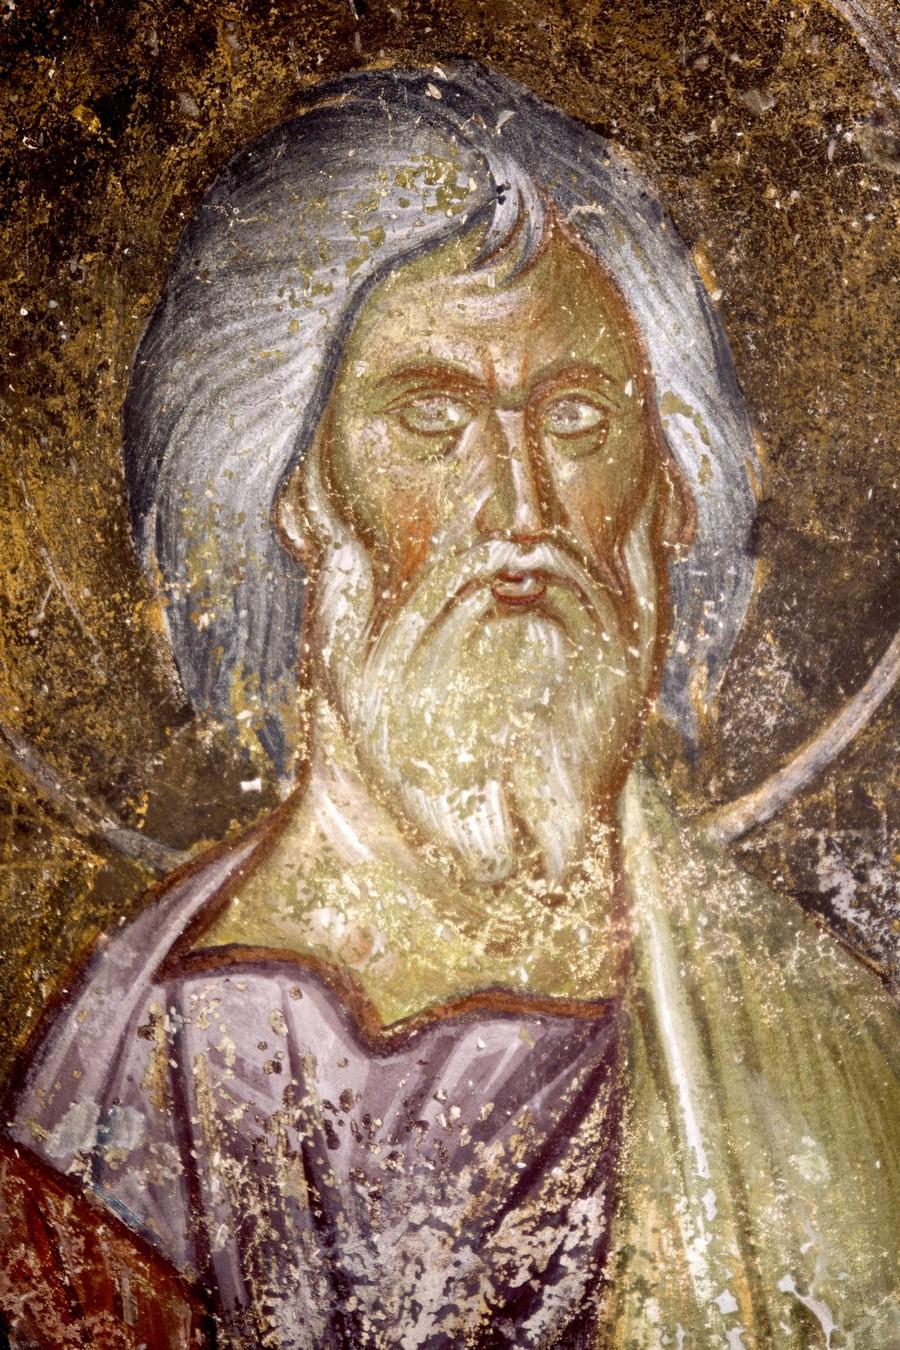 Святой Праведный Гедеон. Фреска церкви Благовещения Пресвятой Богородицы в монастыре Градац, Сербия. Около 1275 года. Фрагмент.